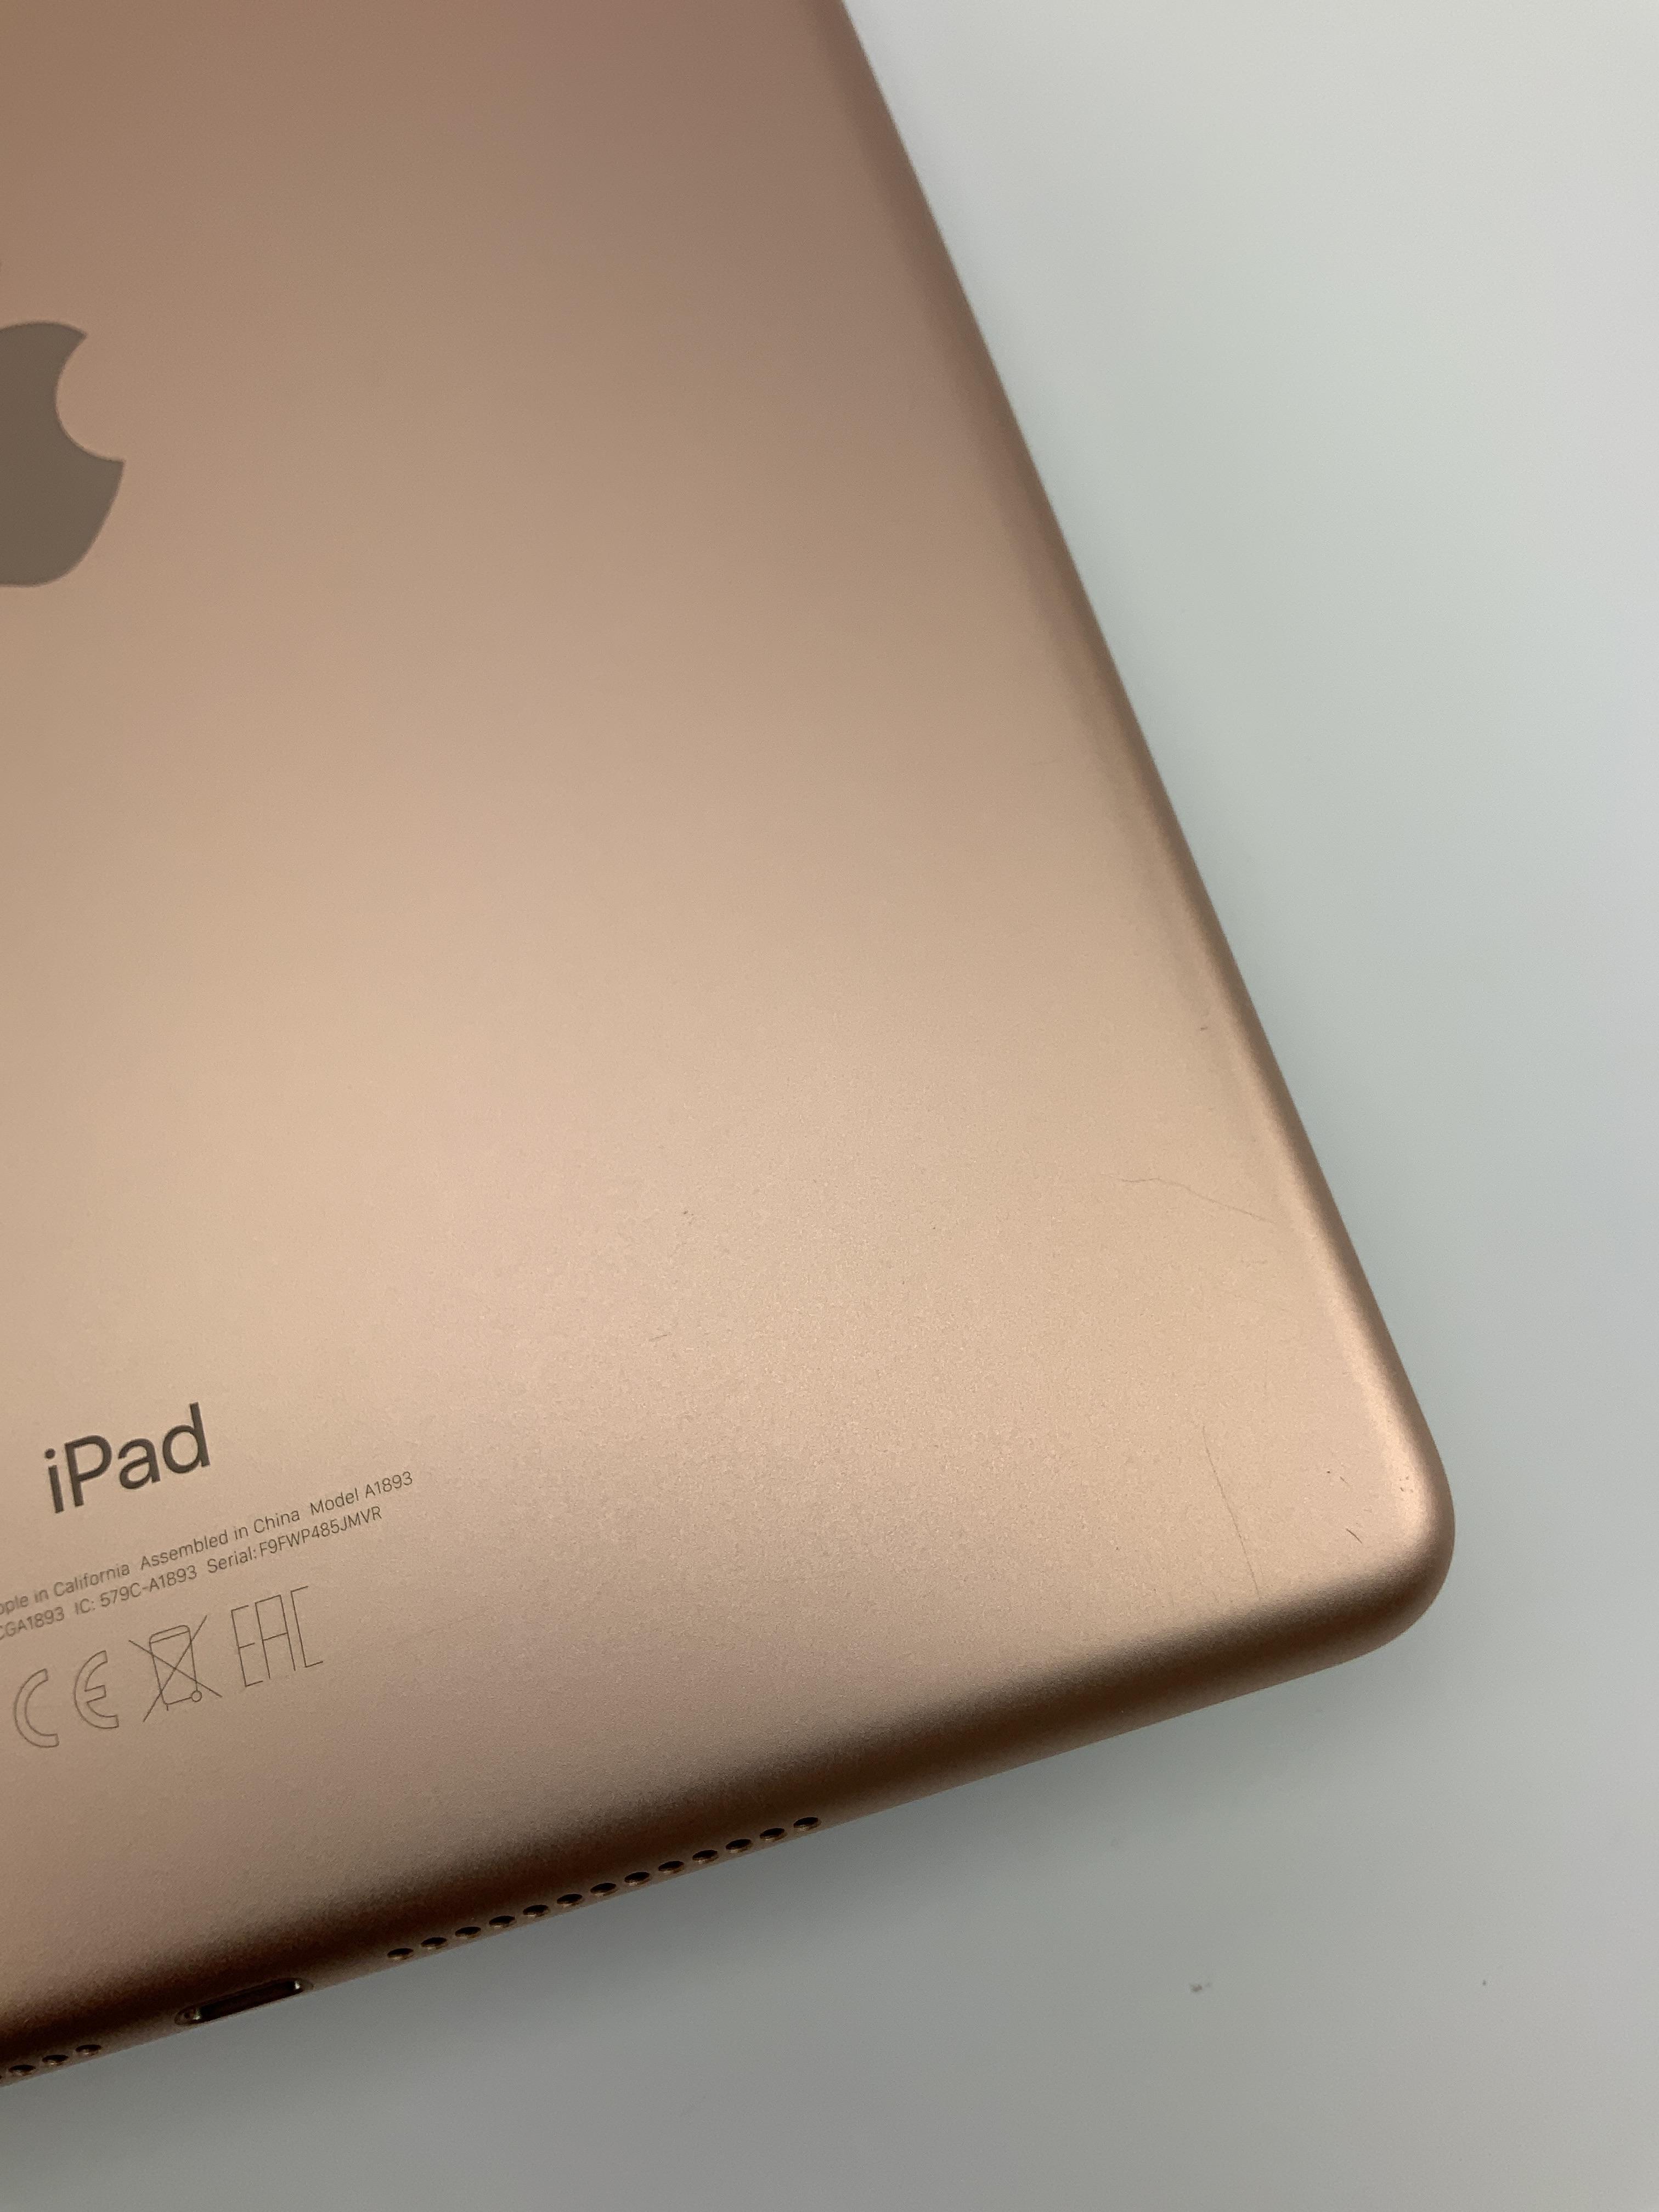 iPad 6 Wi-Fi 32GB, 32GB, Gold, image 4